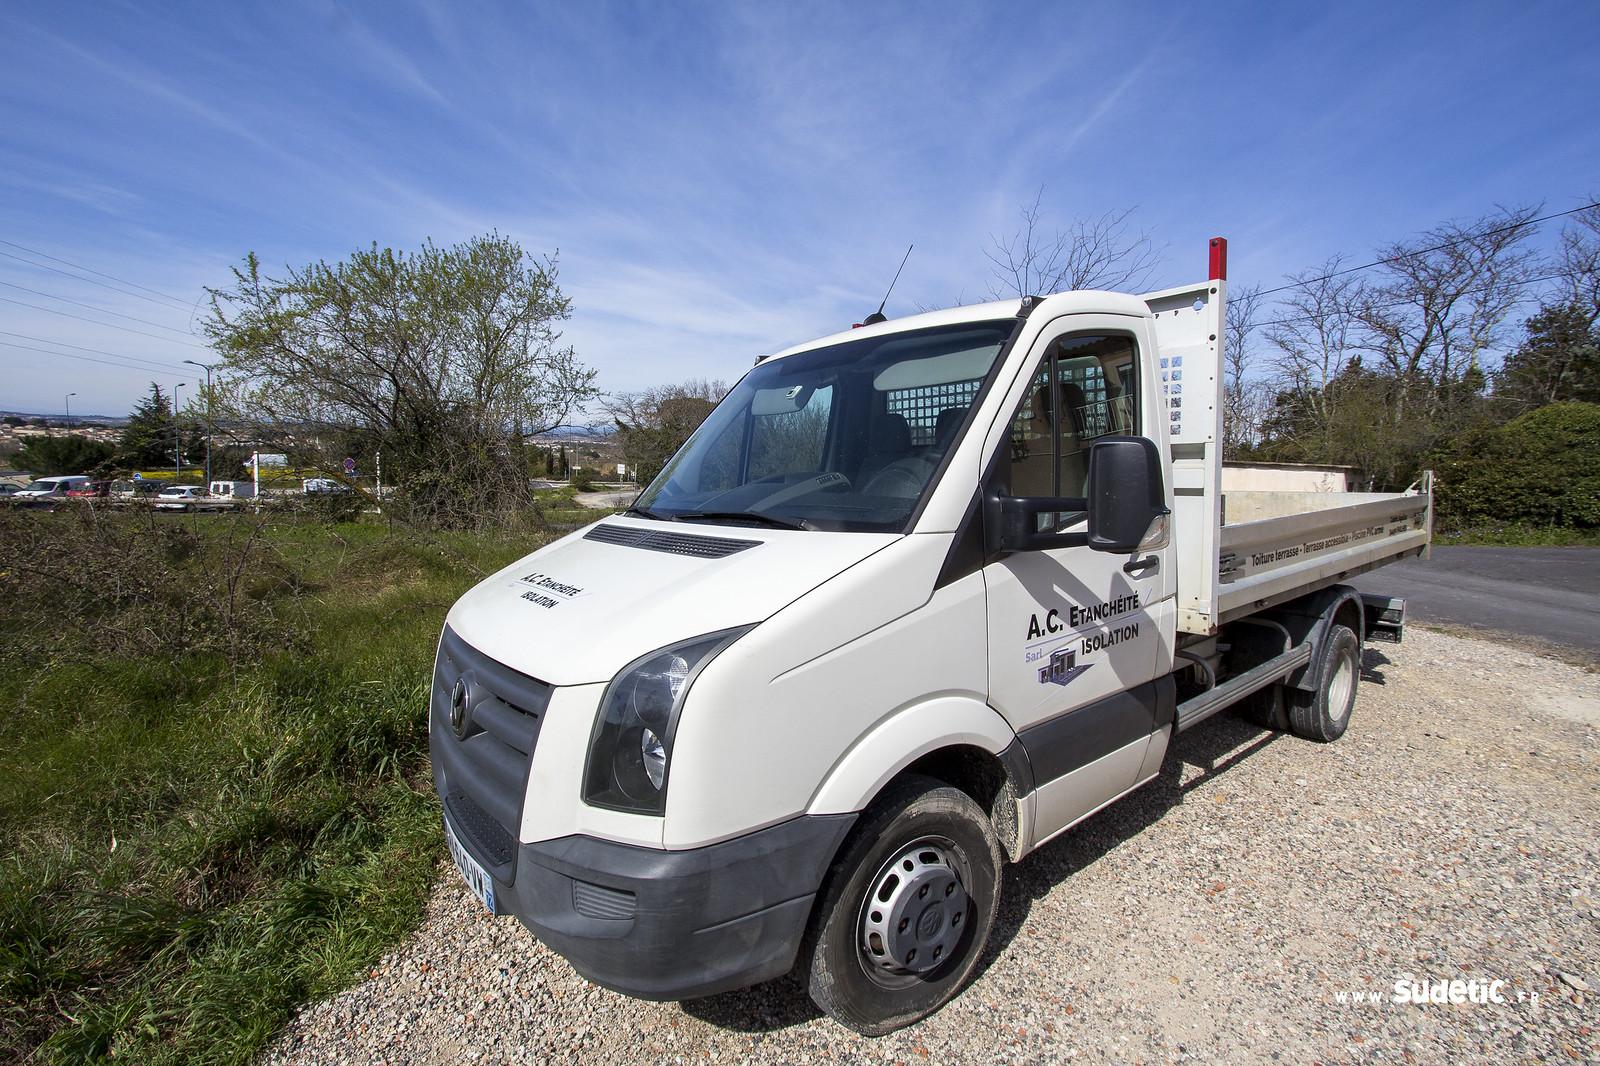 Sudetic camion plateau AC Etancheite-5